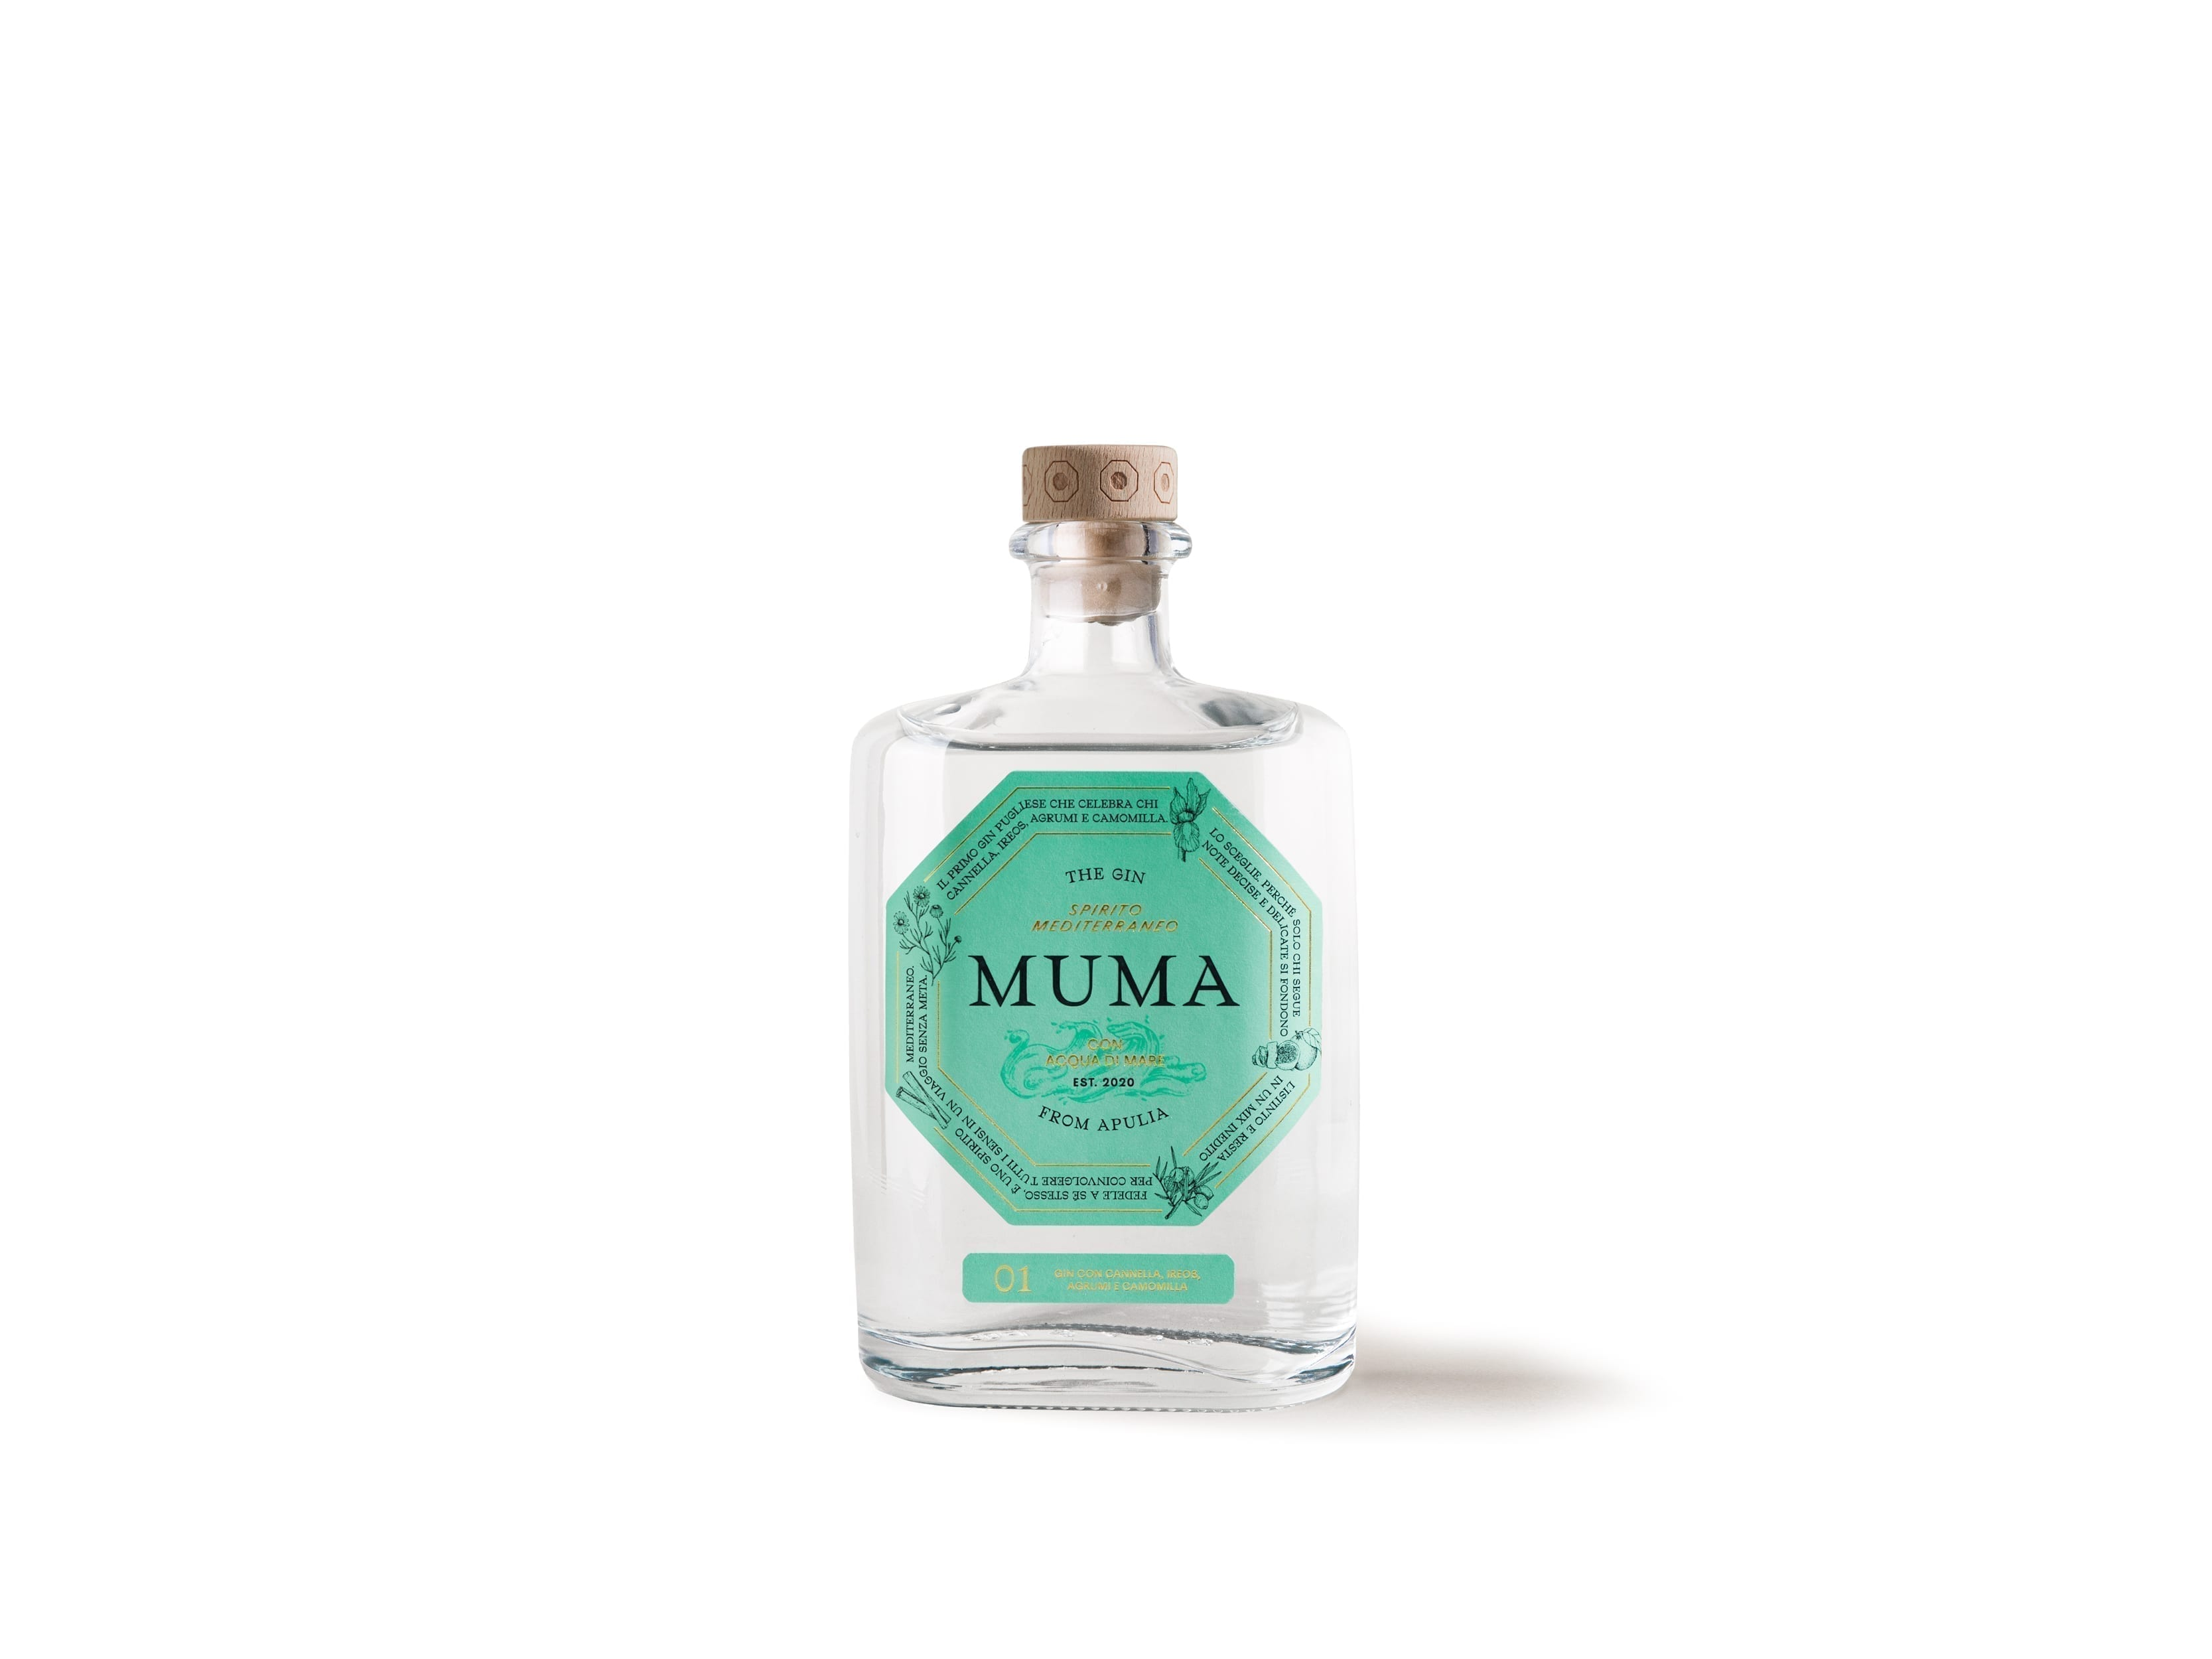 Nest Italy - Muma Gin